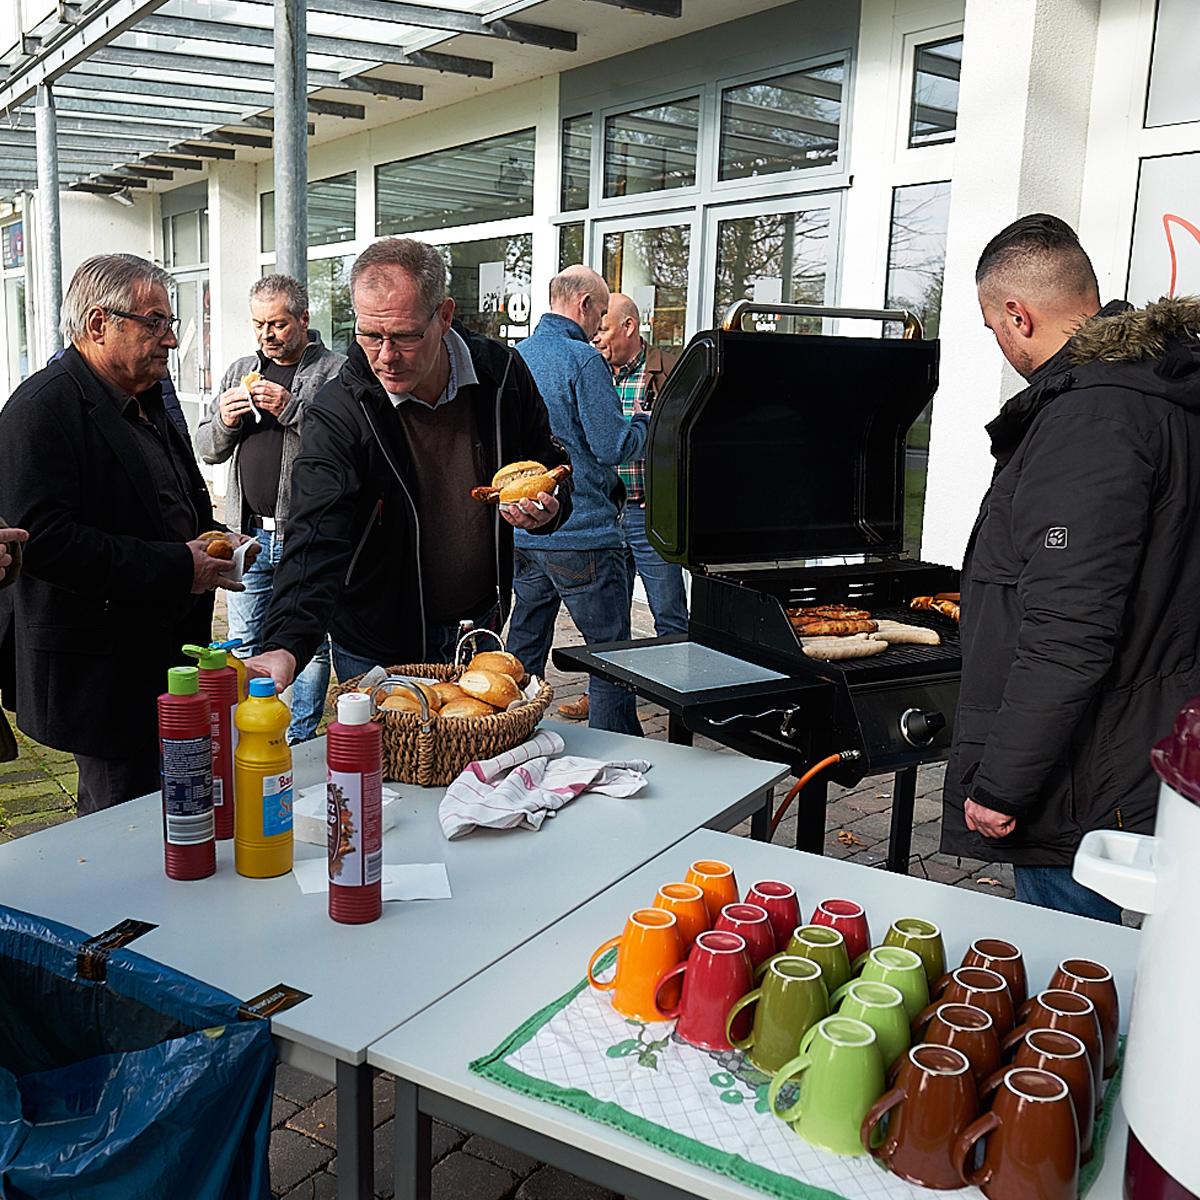 Essen auf der Hausmesse bei Flyfishing Europe